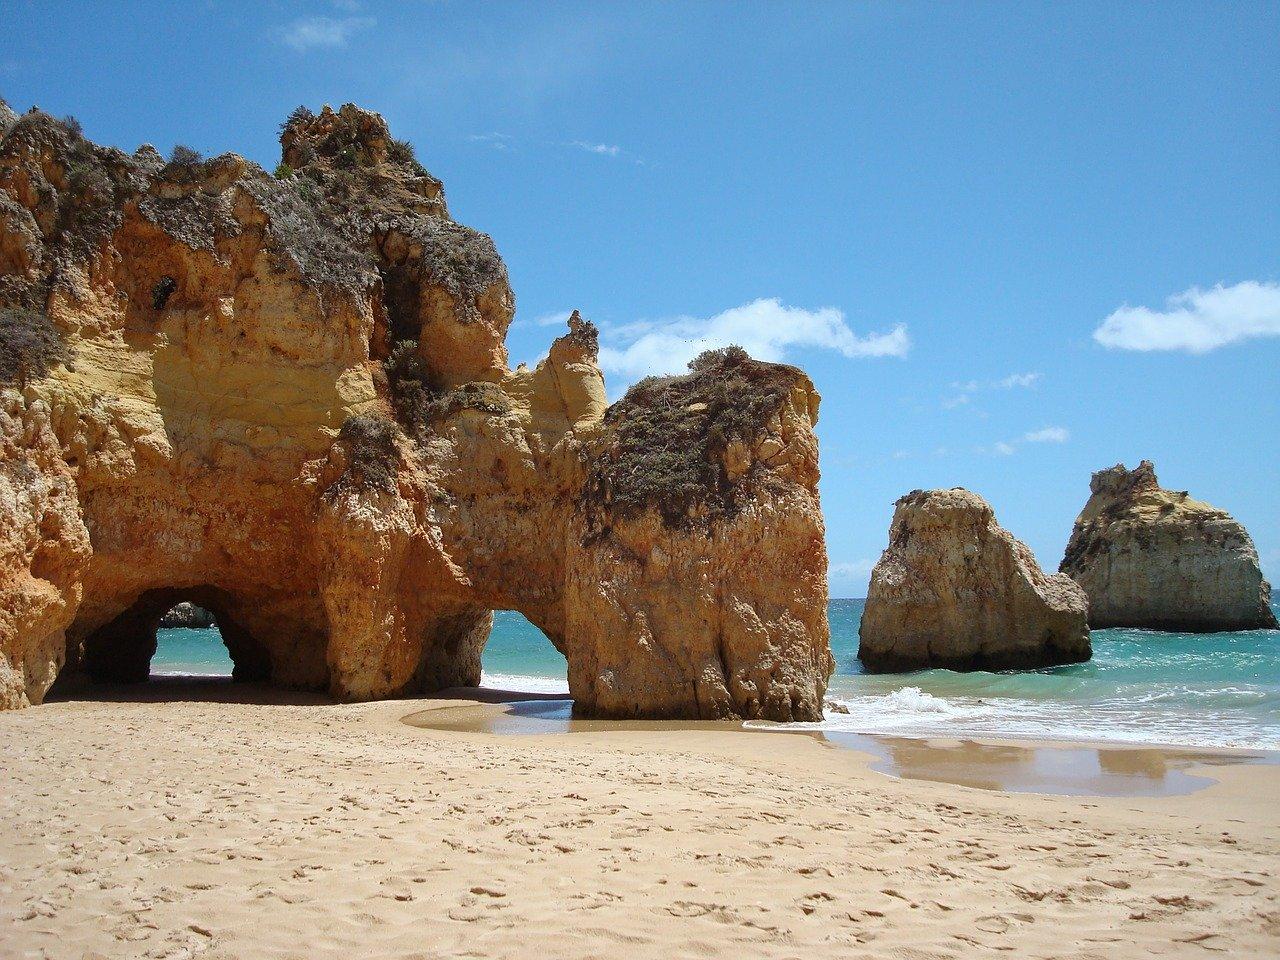 Lo mejor del Algarve, una zona en auge por su rica oferta de ocio